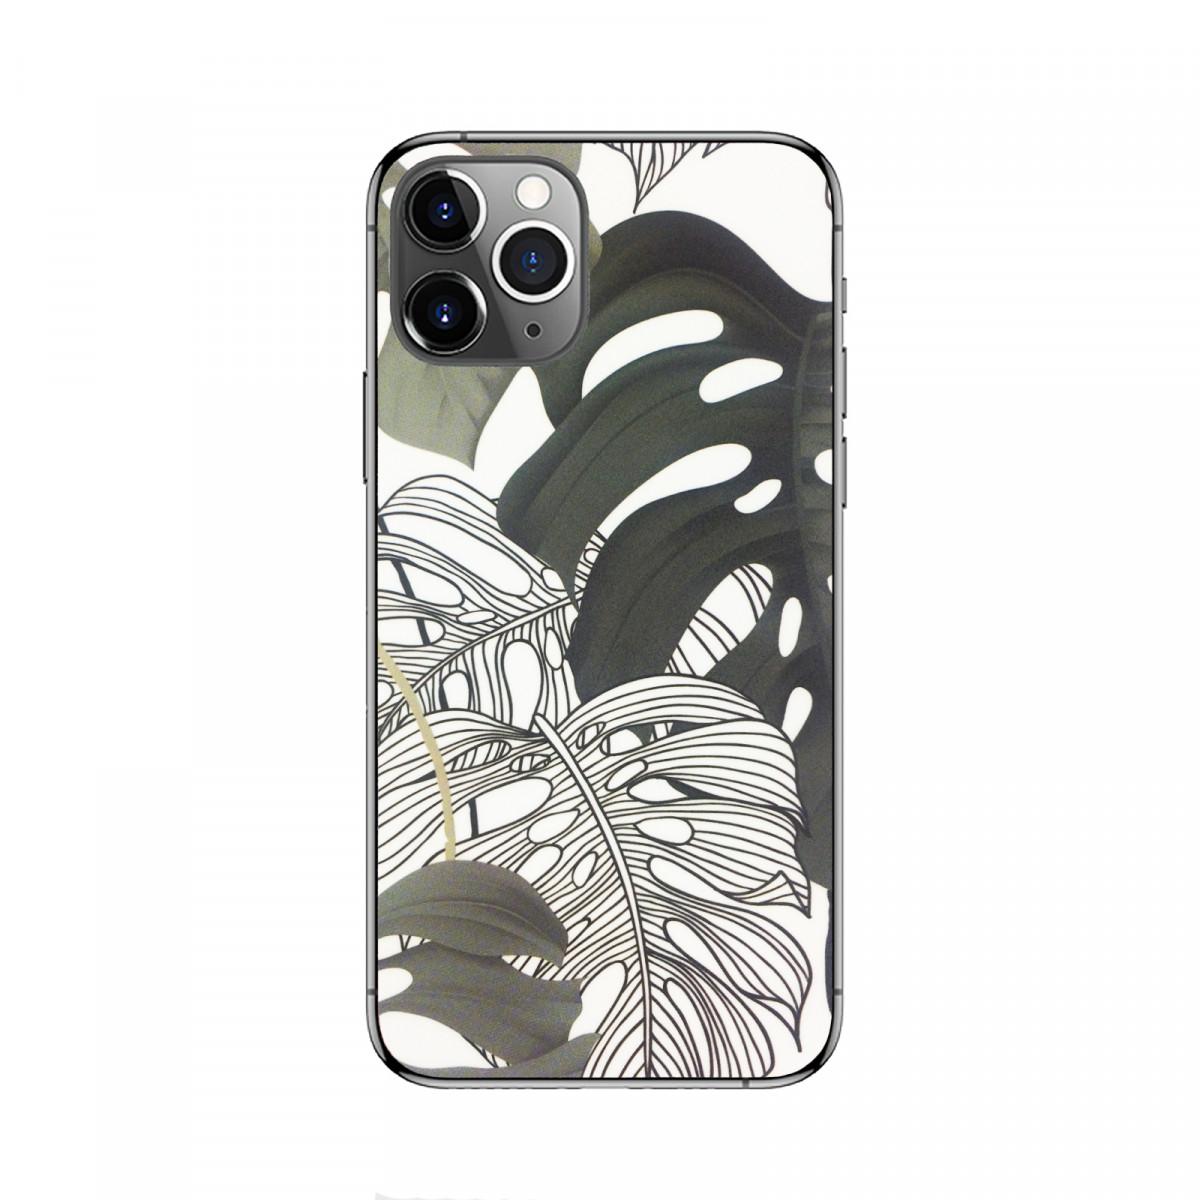 Защитная пленка на заднюю панель телефона - Листья